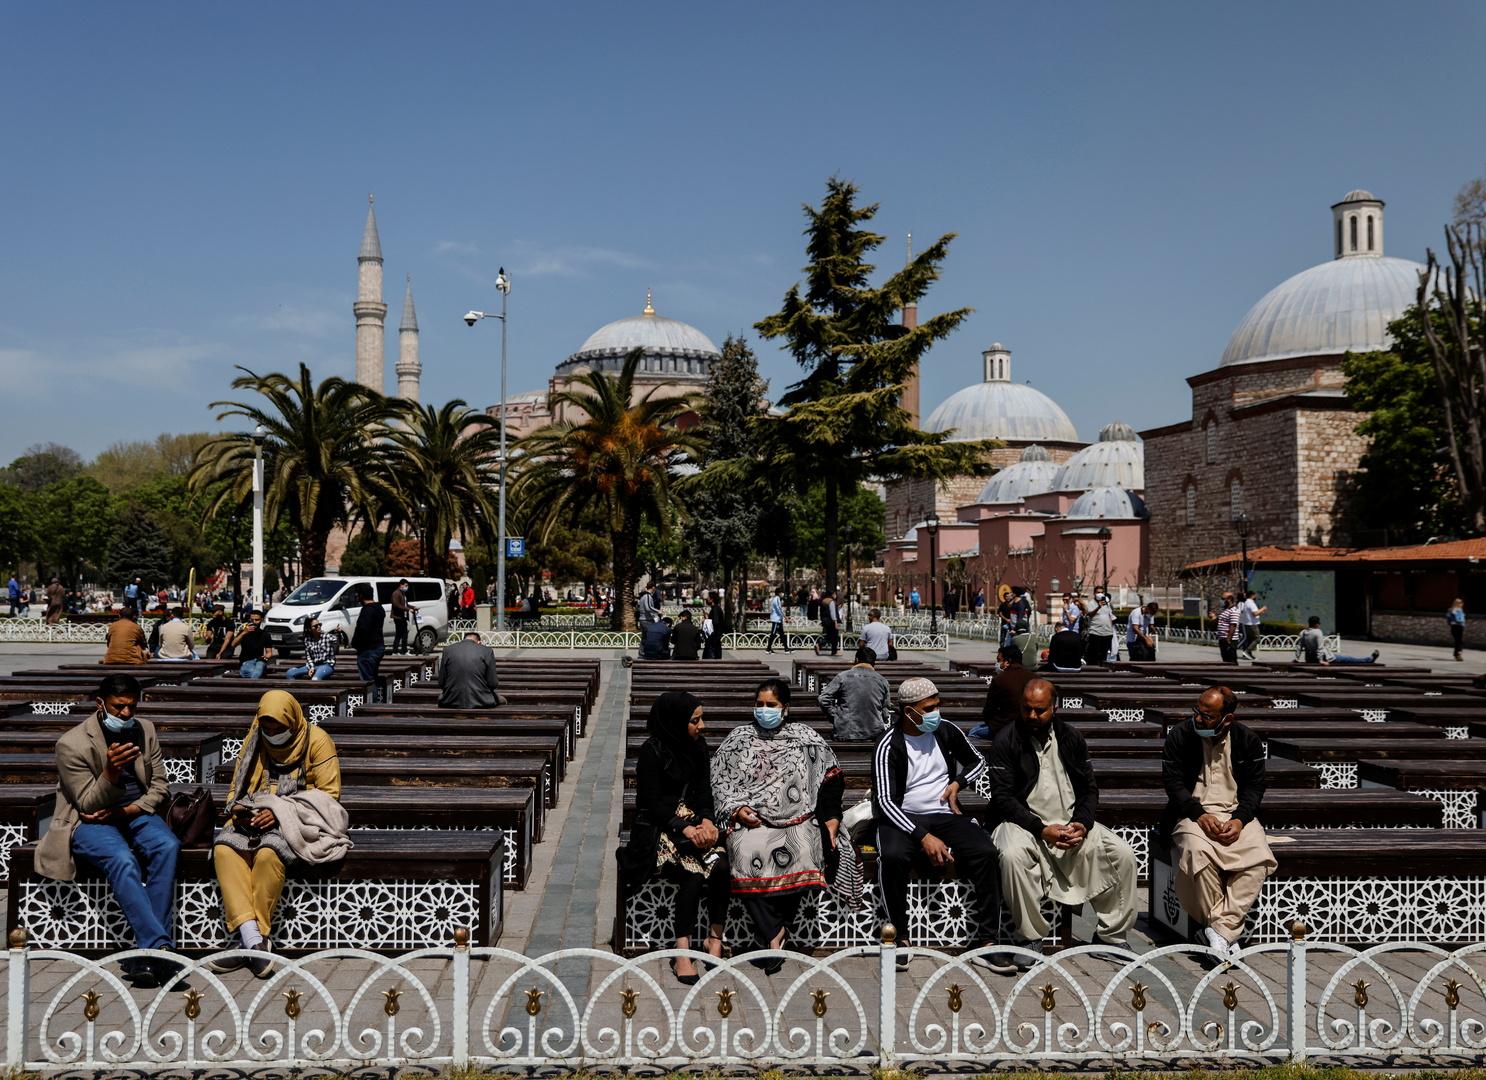 تركيا ترصد 356 وفاة جديدة بكورونا والسلطات تعلن عن انخفاض ملحوظ للإصابات